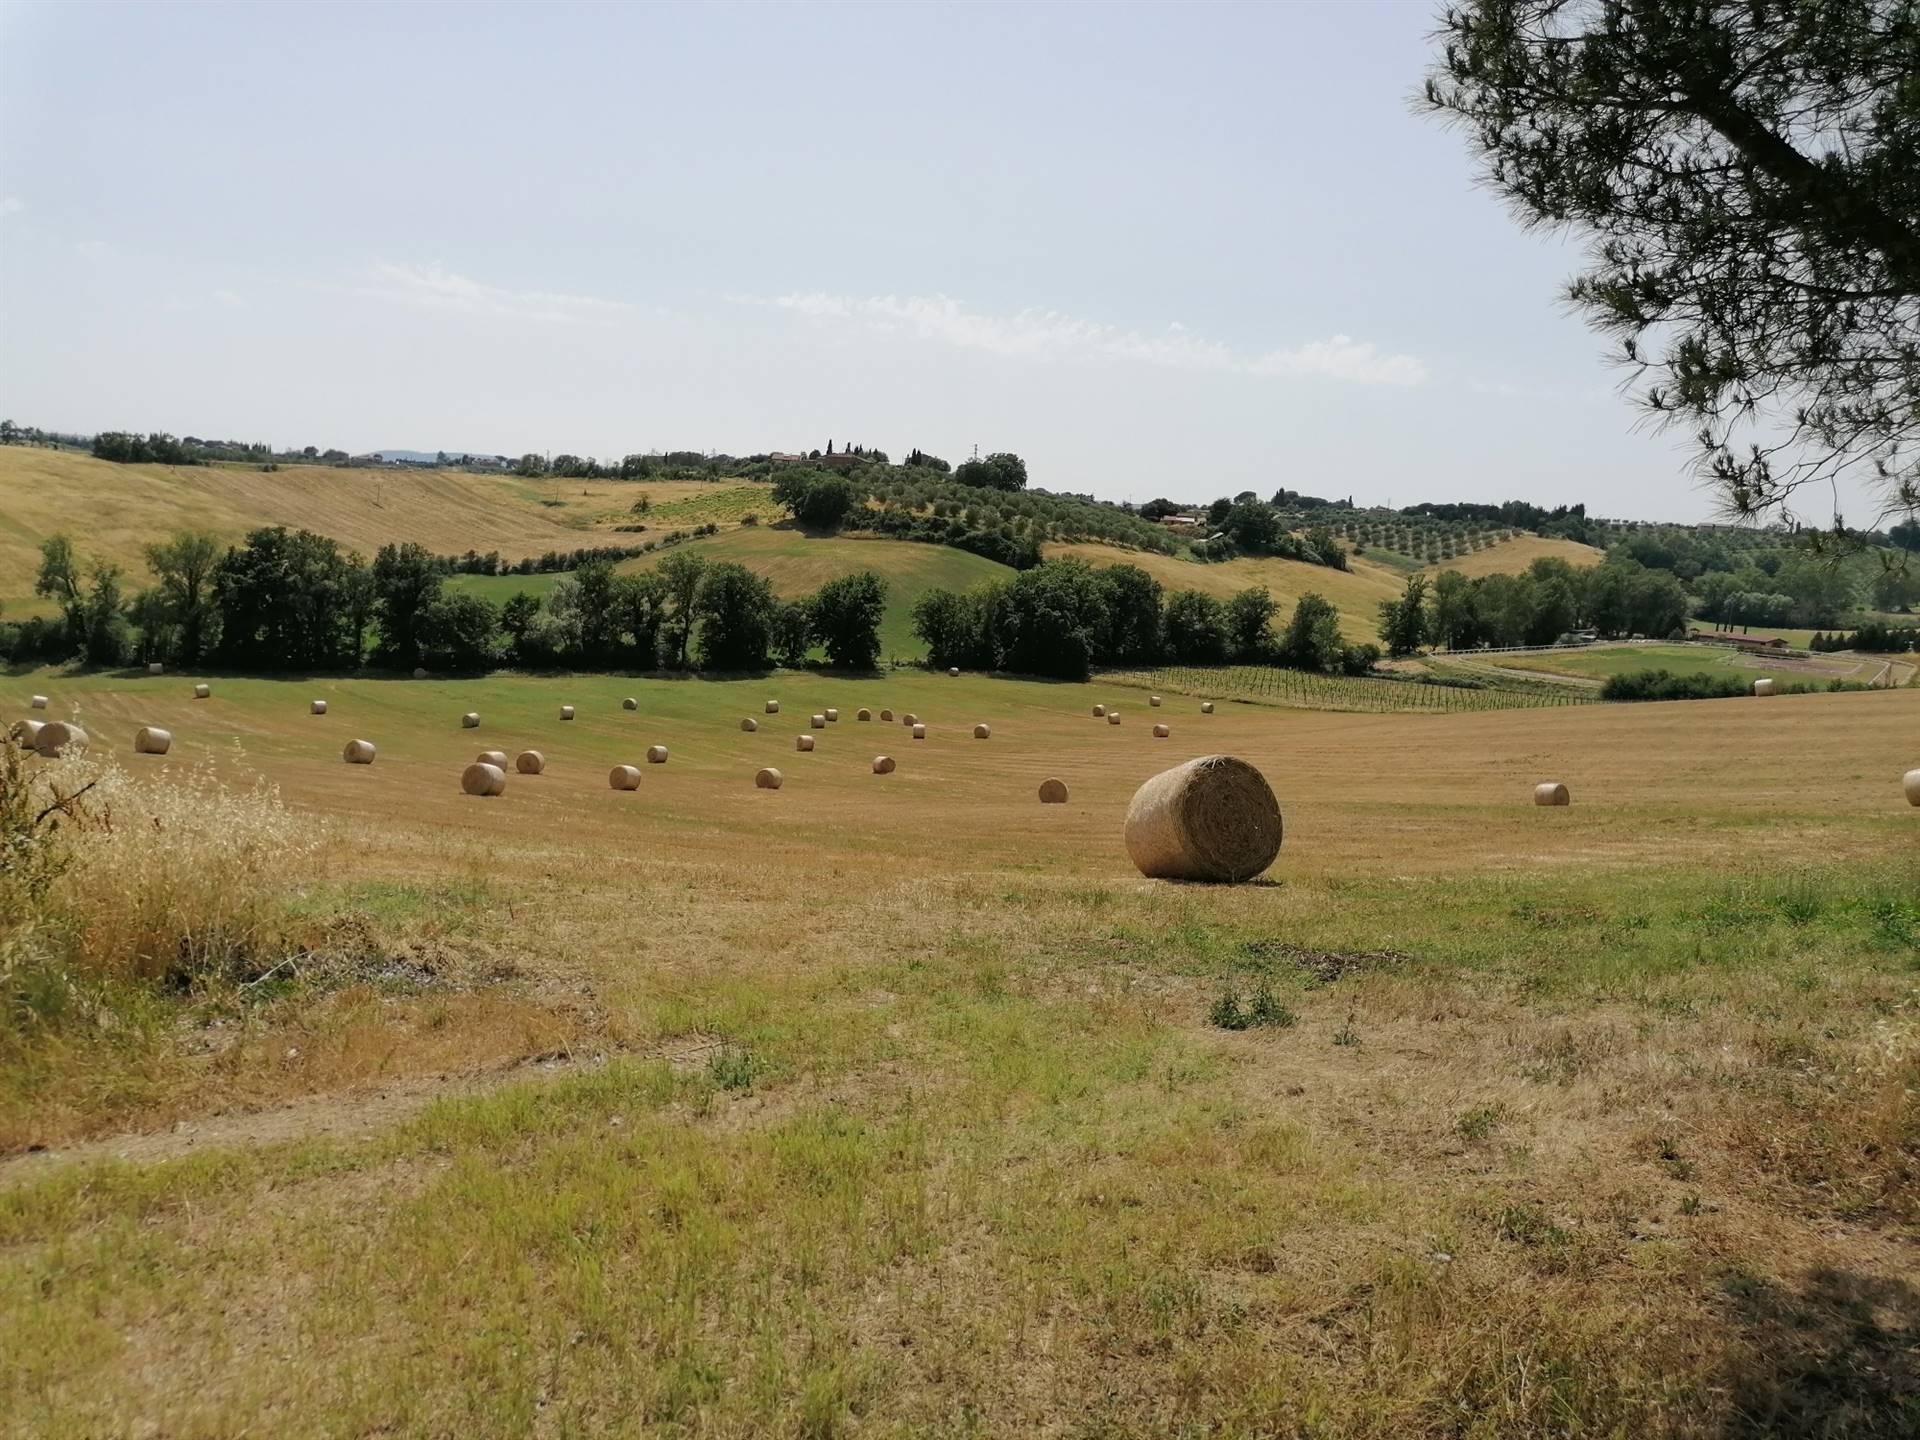 In zona Cerchiaia, proponiamo 18 ettari di terreno seminativo. Il terreno è facilmente accessibile con i mezzi ed è ubicato in prossimità della città.